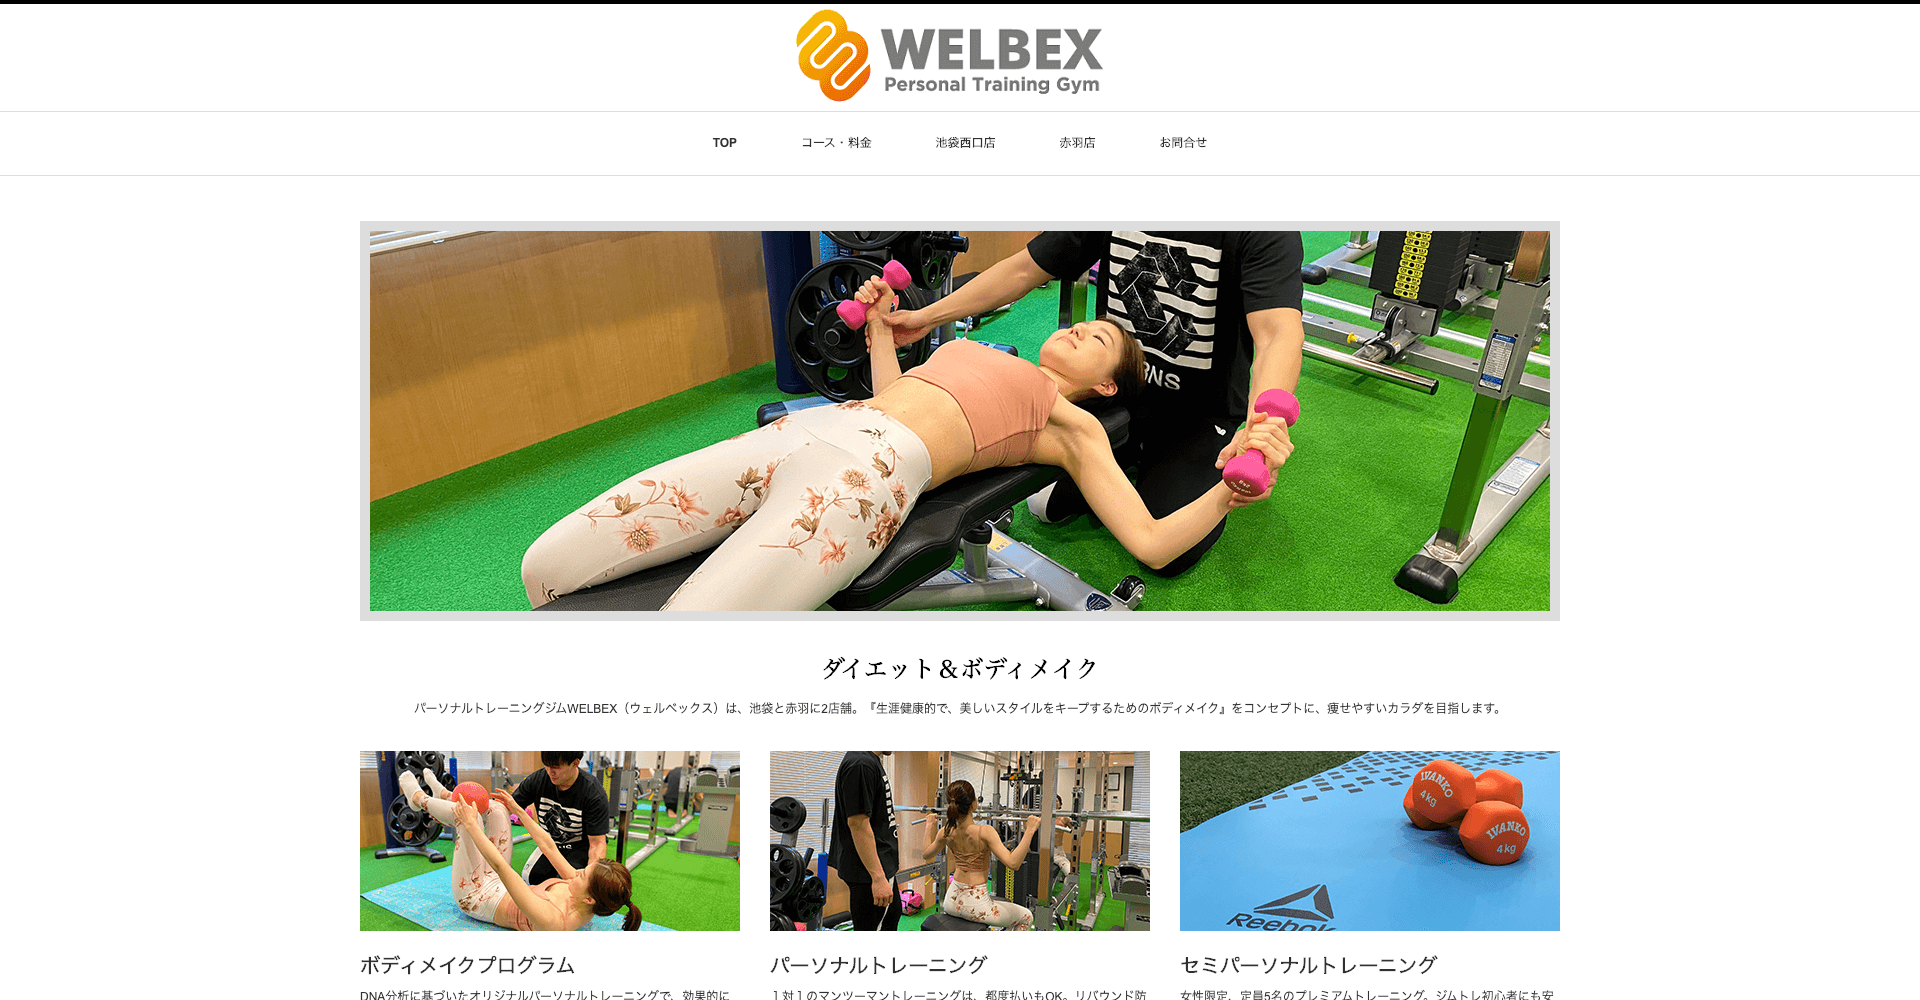 パーソナルトレーニングジム WELBEX(ウェルベックス) 赤羽店|ダイエット&ボディメイク